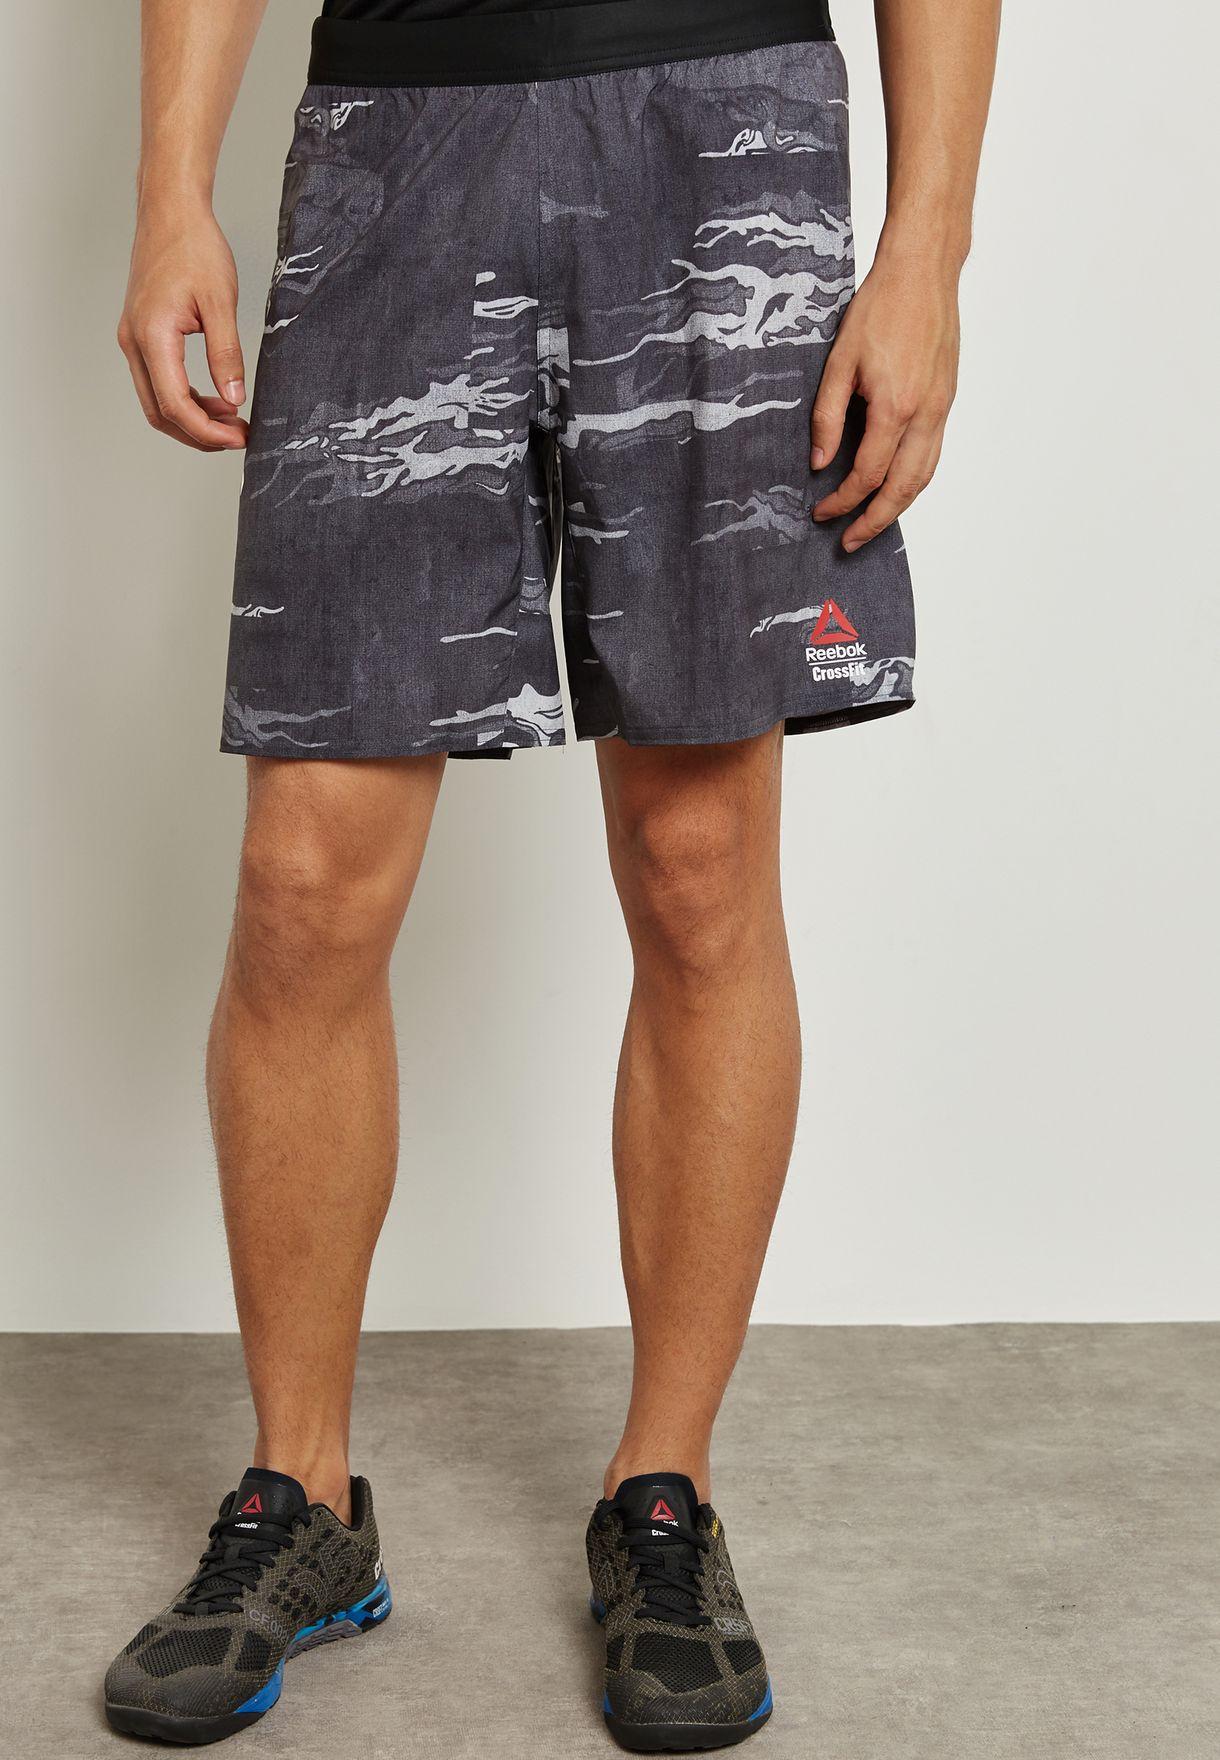 fc6f29593fe7 Shop Reebok prints CrossFit Speed Board Shorts BR4636 for Men in UAE ...